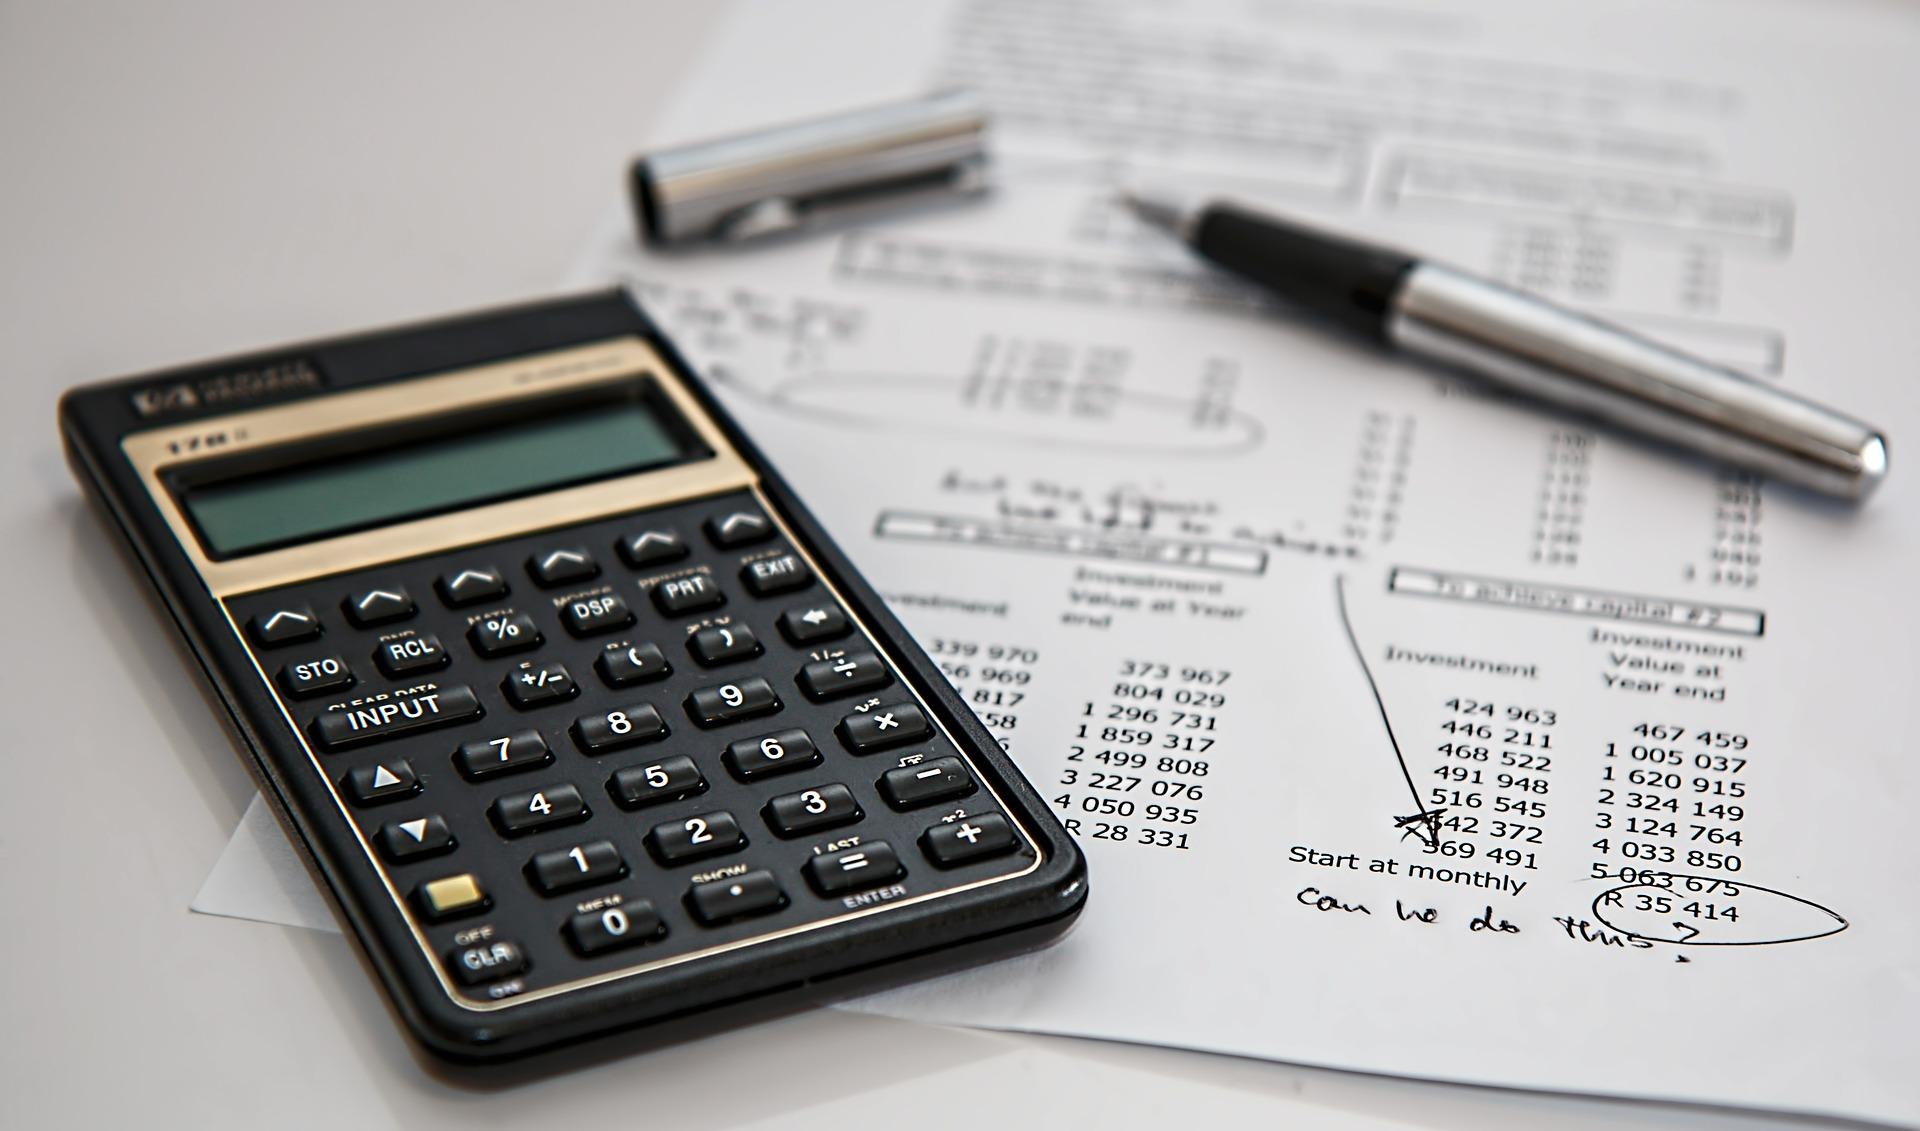 חושבים על הגשת בקשה לתיאום מס? כדאי שתקראו את זה